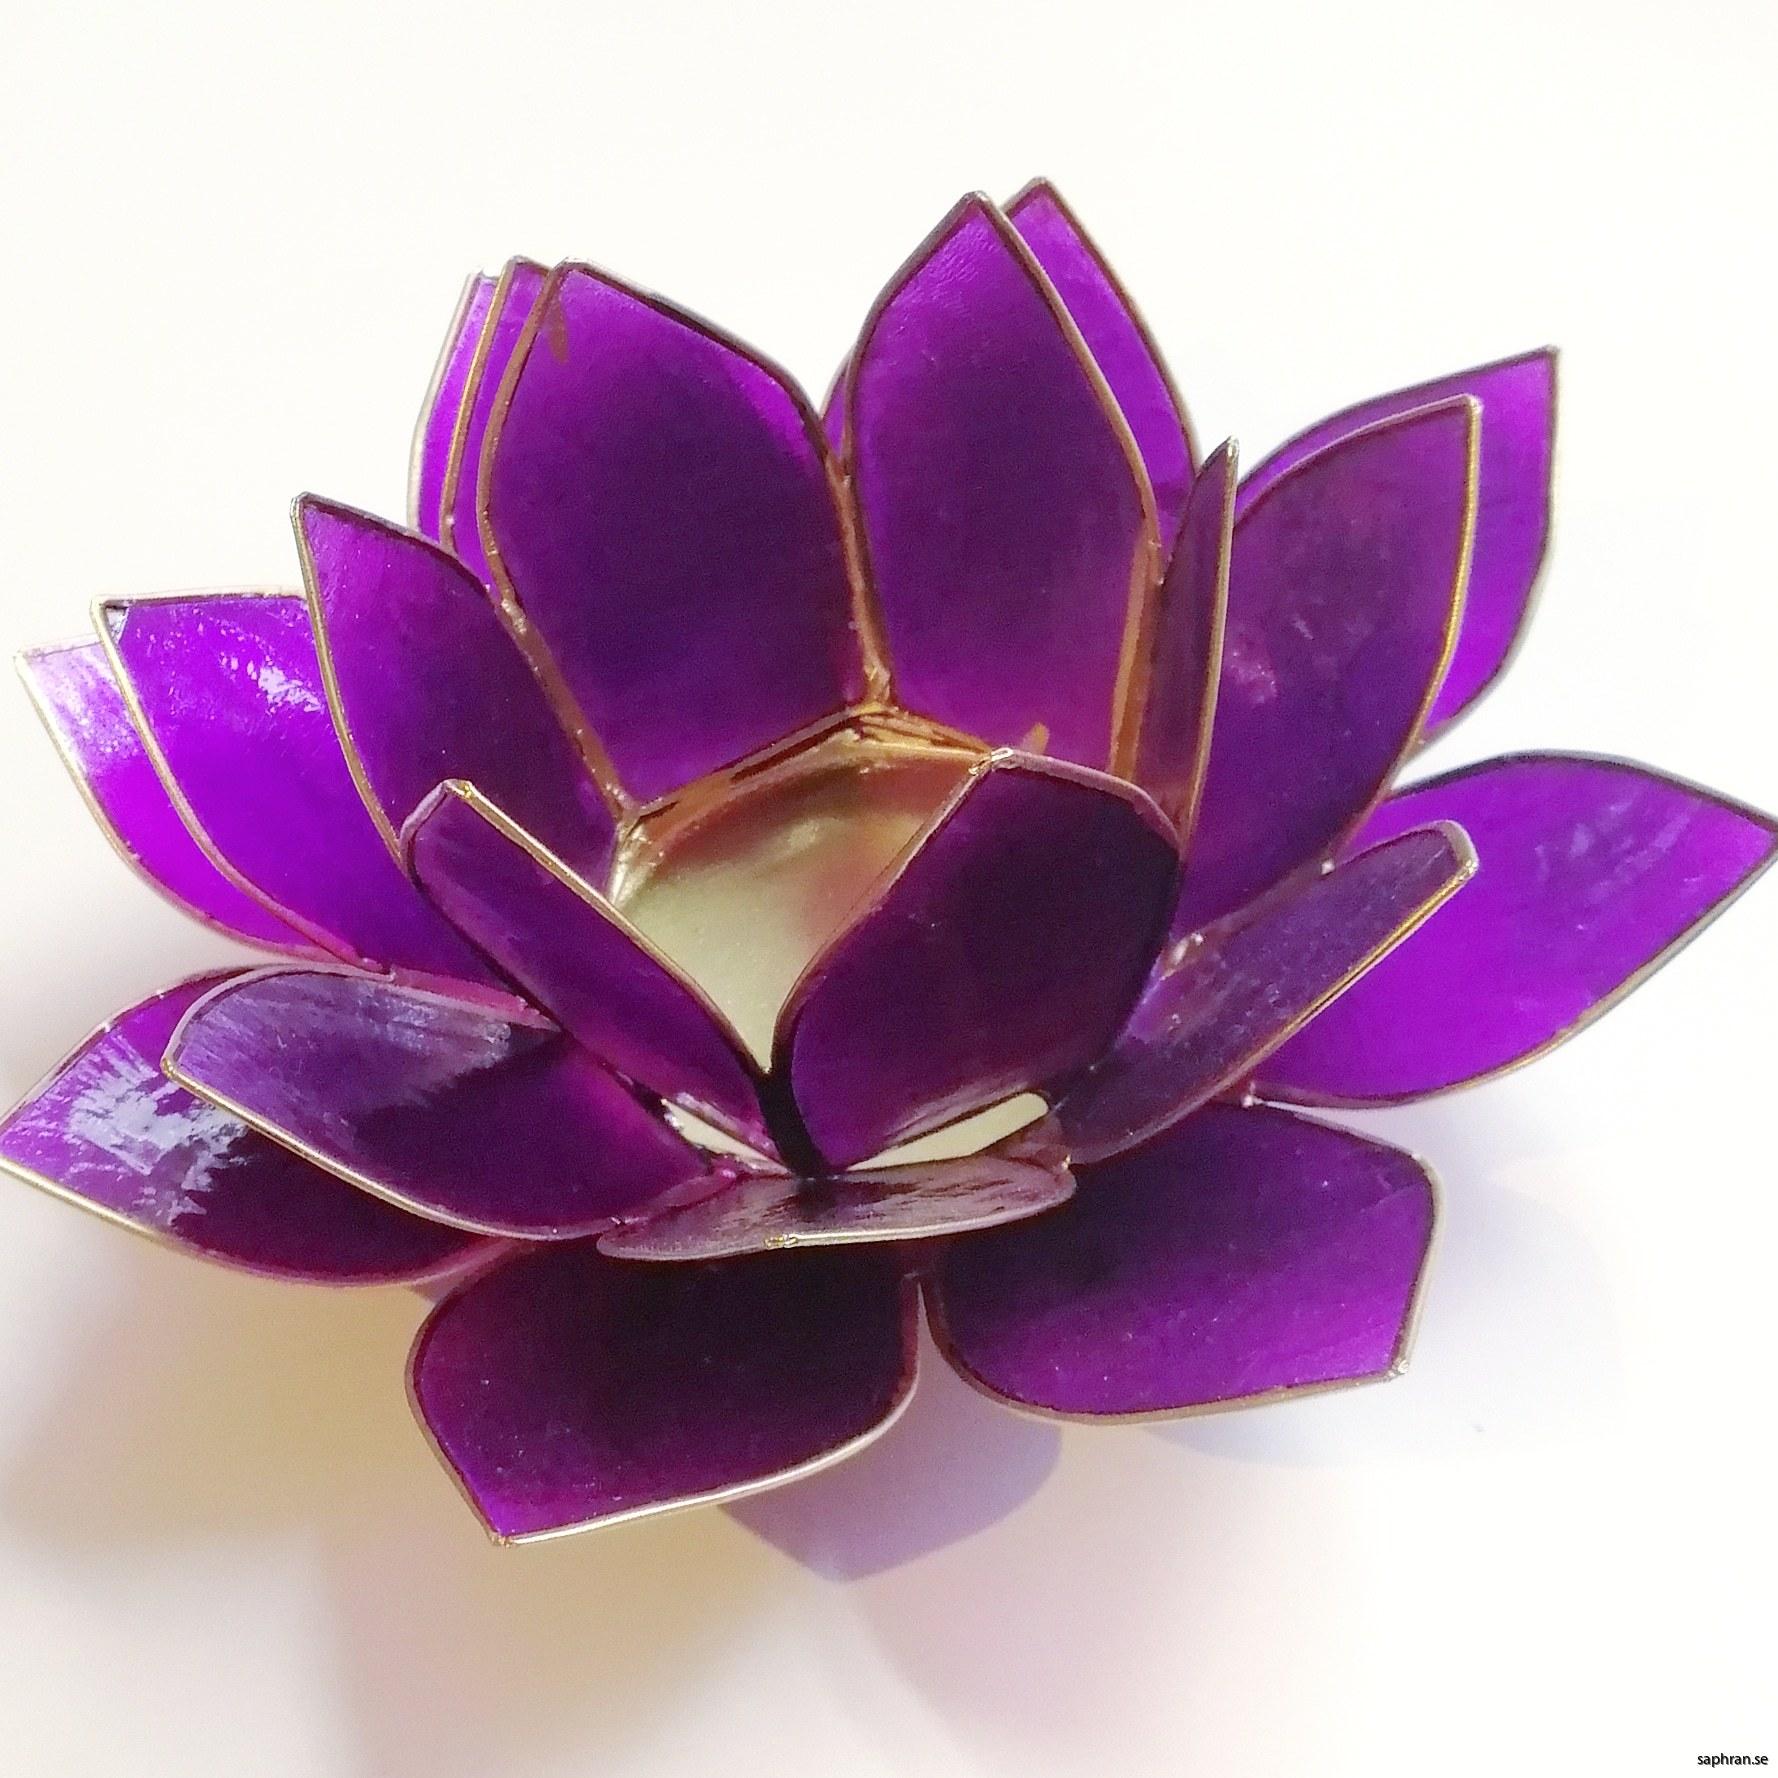 Lotusblomma ljuslykta 7 färger, lila